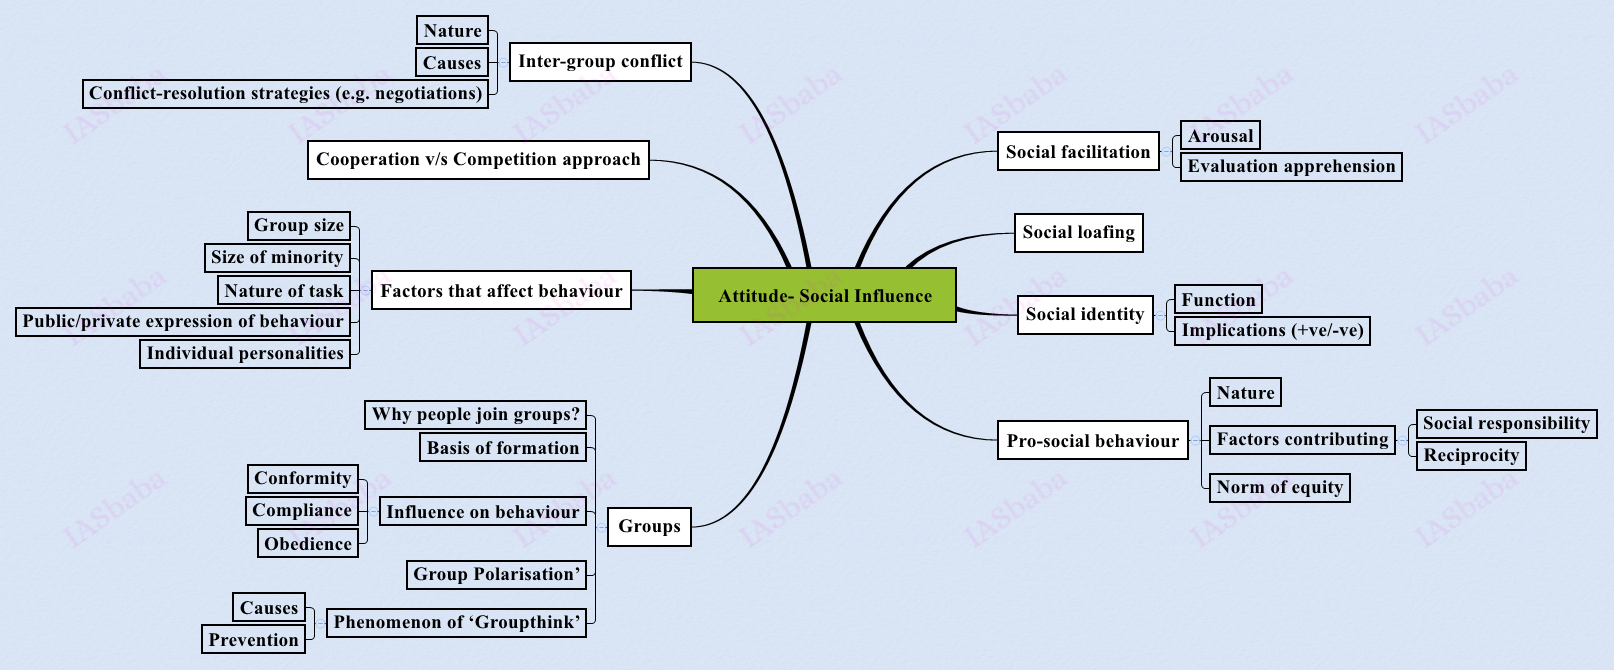 Attitude-Social-Influence